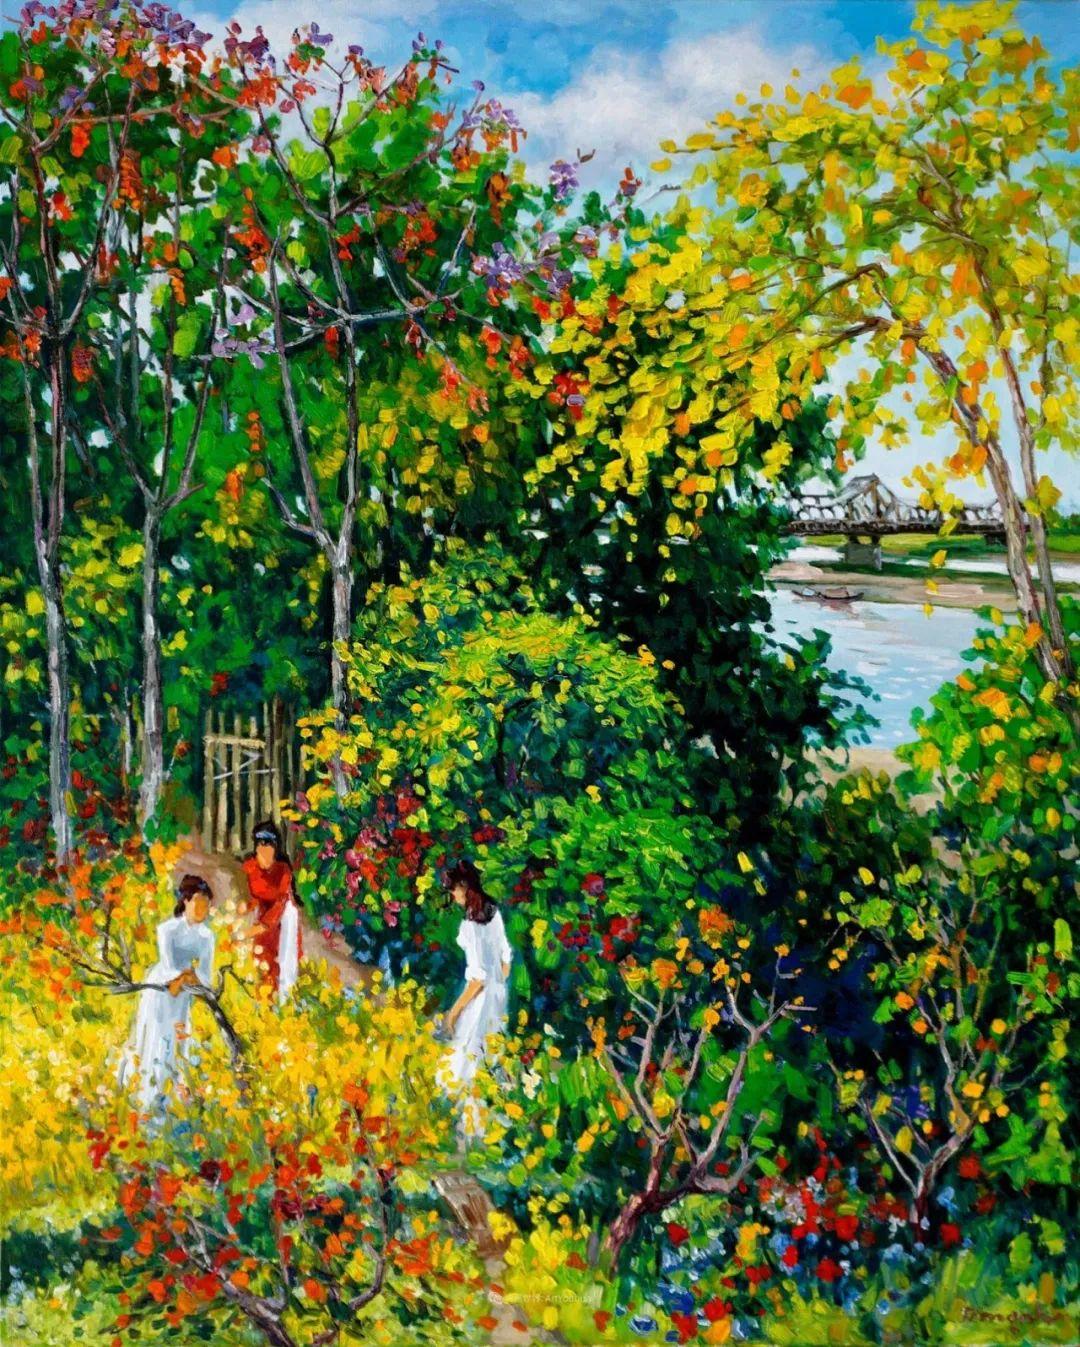 越南画家笔下的美景、美人!插图